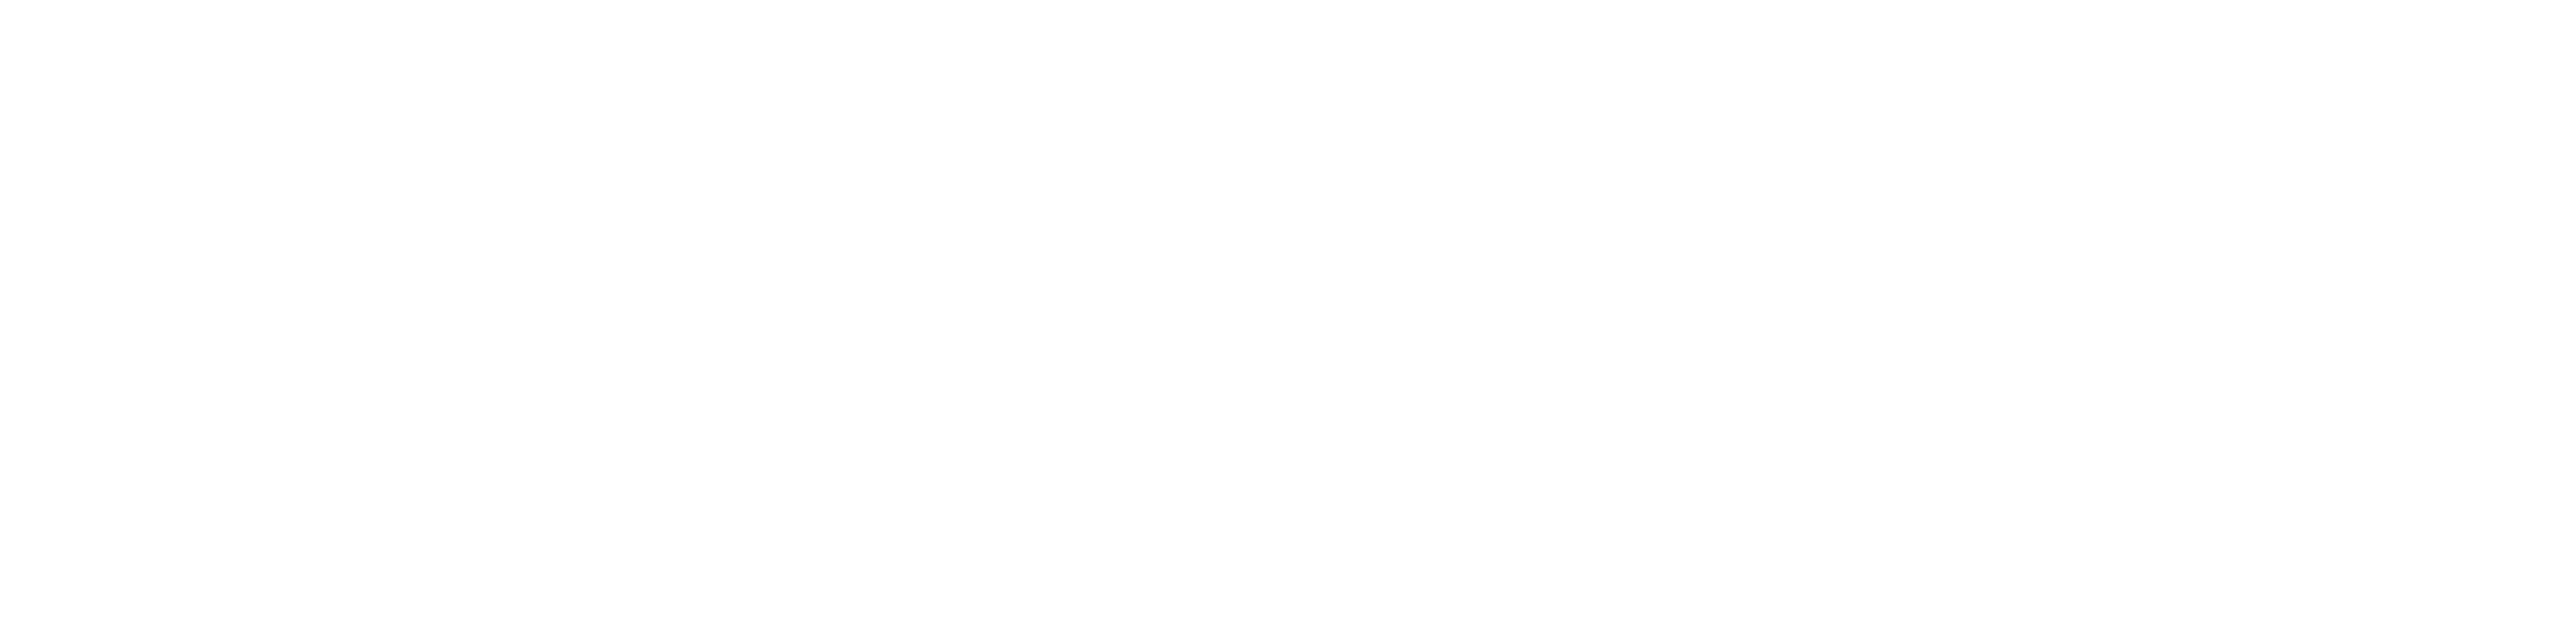 Logo Marca Federação das Indústrias no estado de Mato Grosso